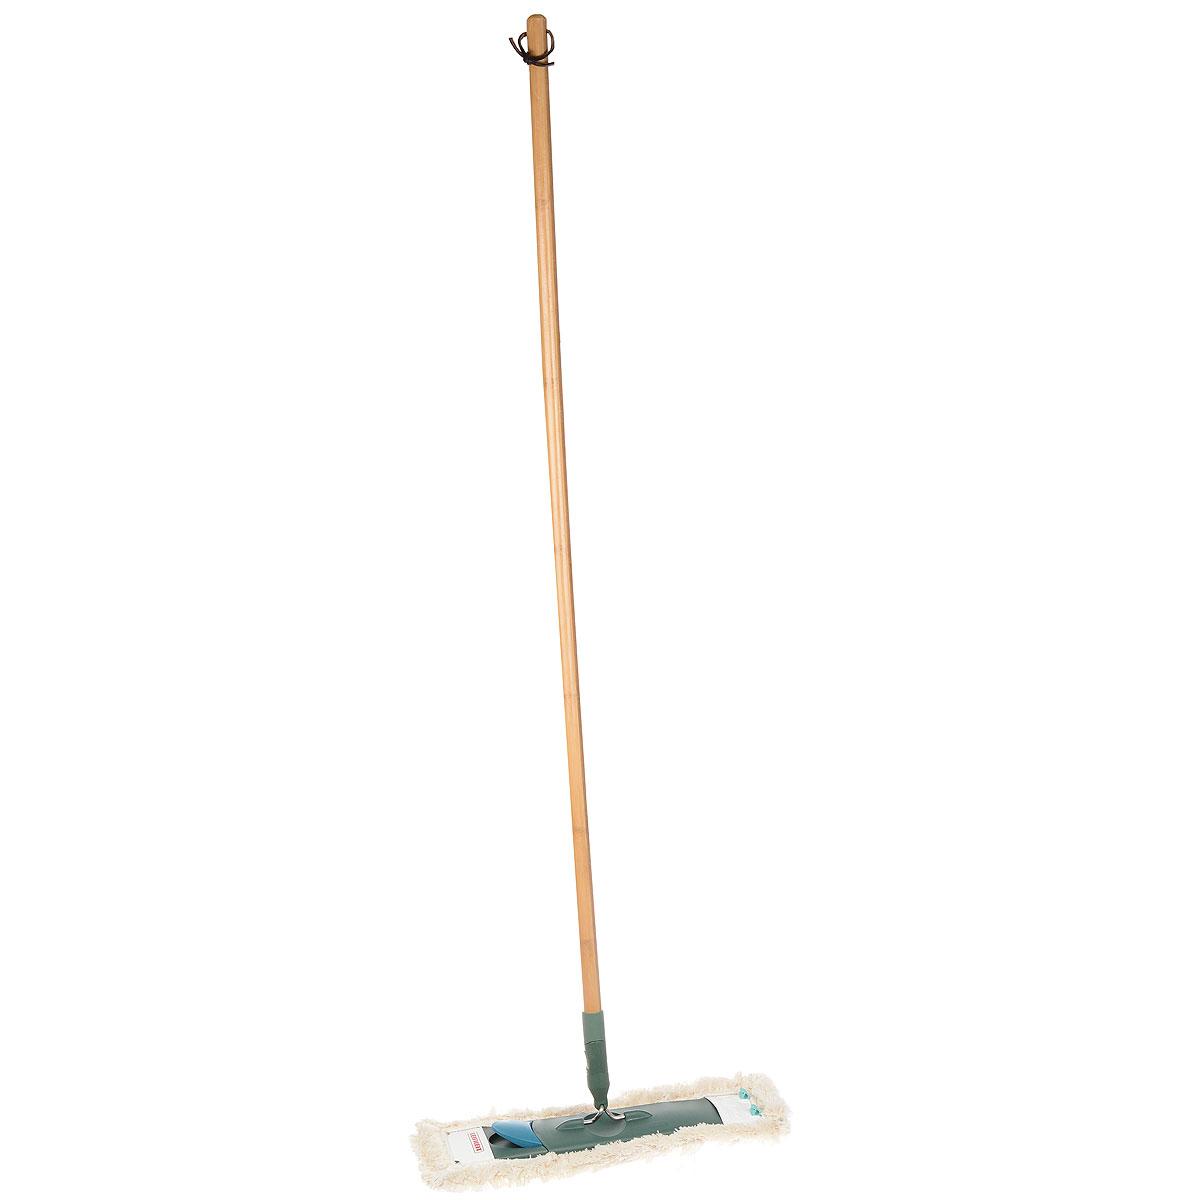 Claro EcoPerfect Швабра для полаVCA-00Швабра с бамбуковой ручкой (135 см). Удобна и проста в эксплуатации. Не требует специального ведра для отжима. Имеет насадку с большим содержанием хлопка и высокой степенью впитывания воды и грязи.Ширина рабочей поверхности 42 см.Подходит сменная насадка Eco Perfect арт. 55272 и Profi.